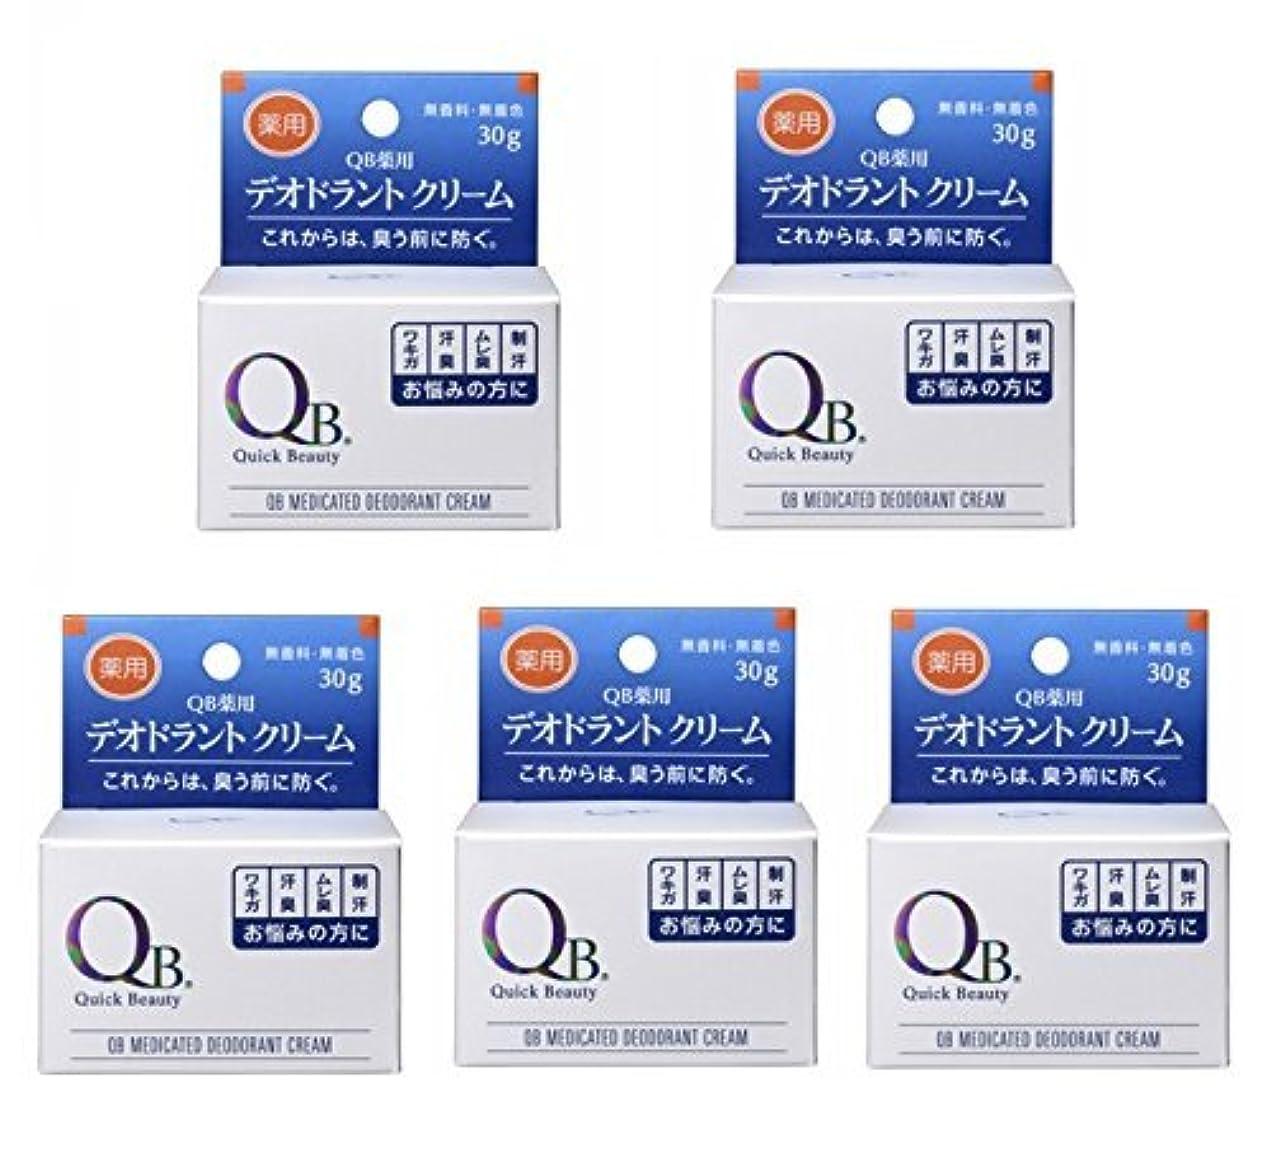 スチール溶岩観察する※5個セットQB薬用デオドラントクリーム 30g 医薬部外品